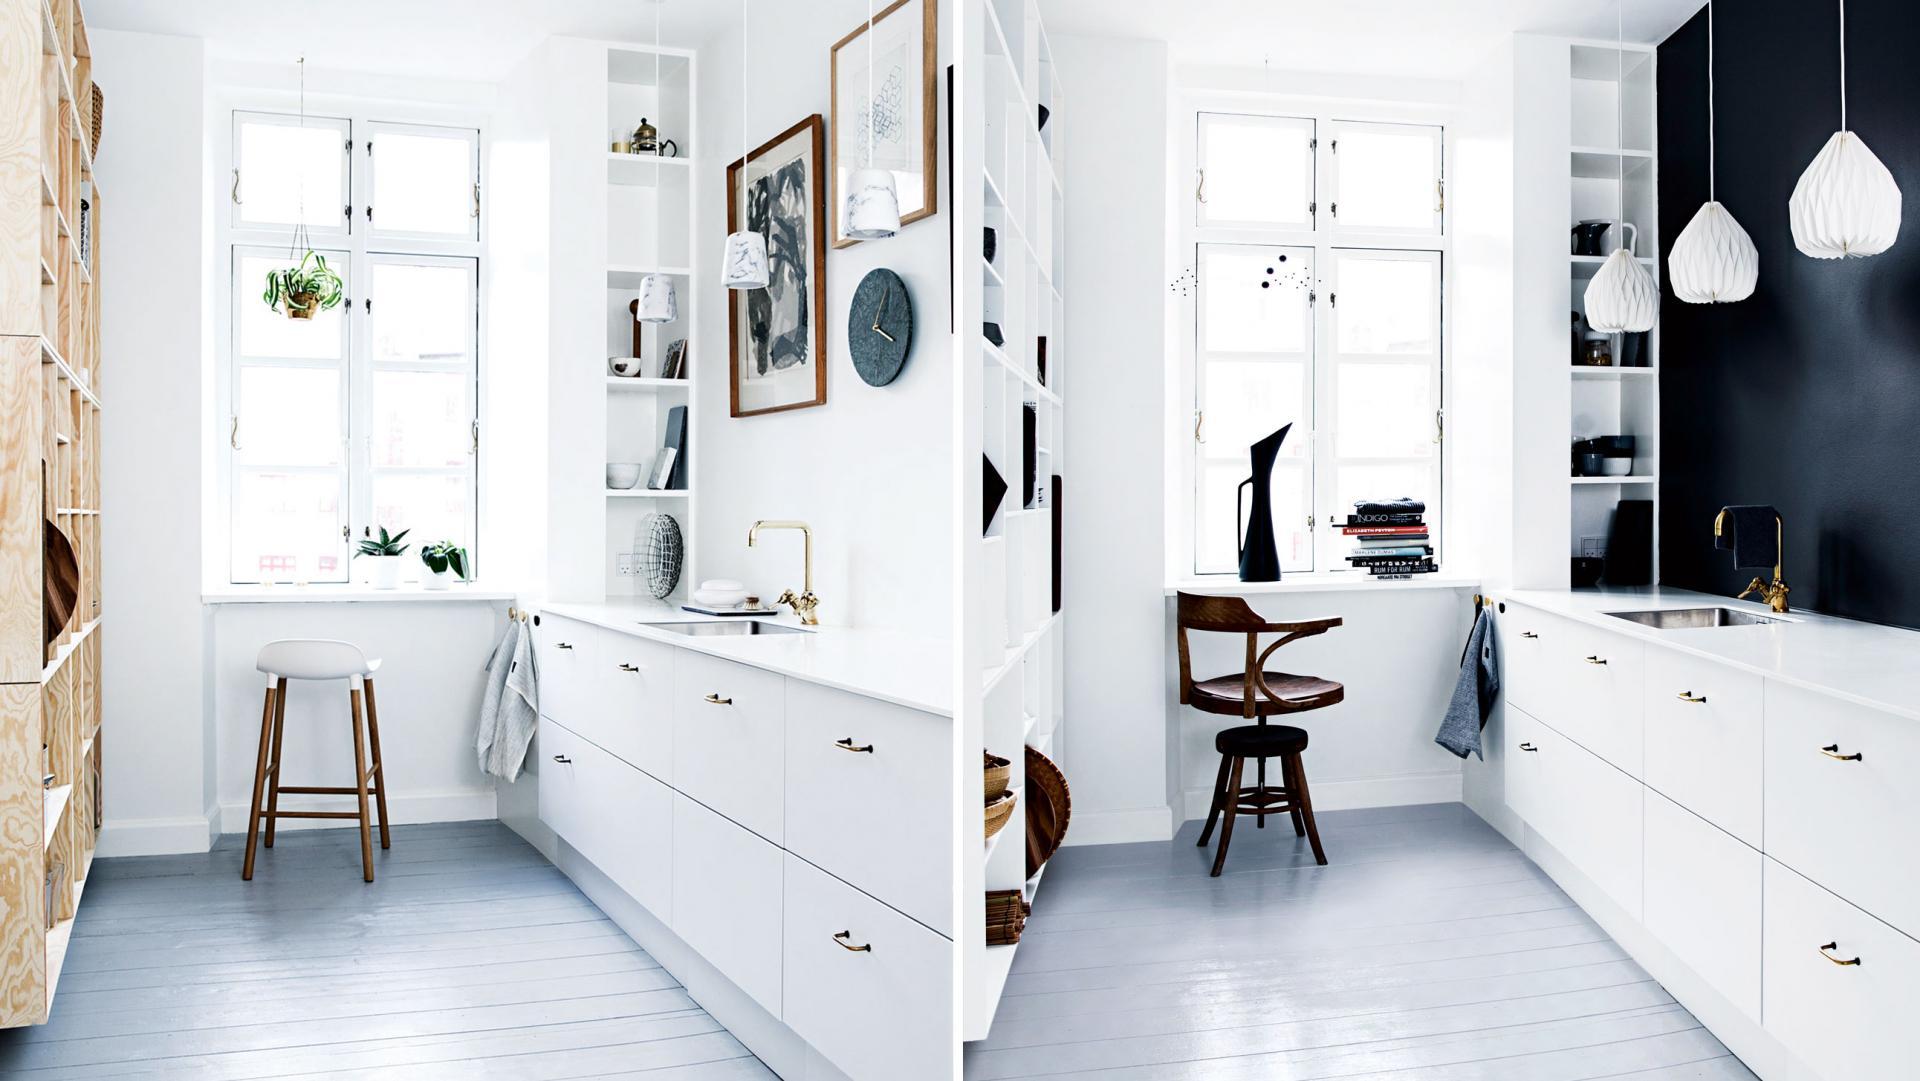 En keuken twee stijlen van Deense interieurstylist